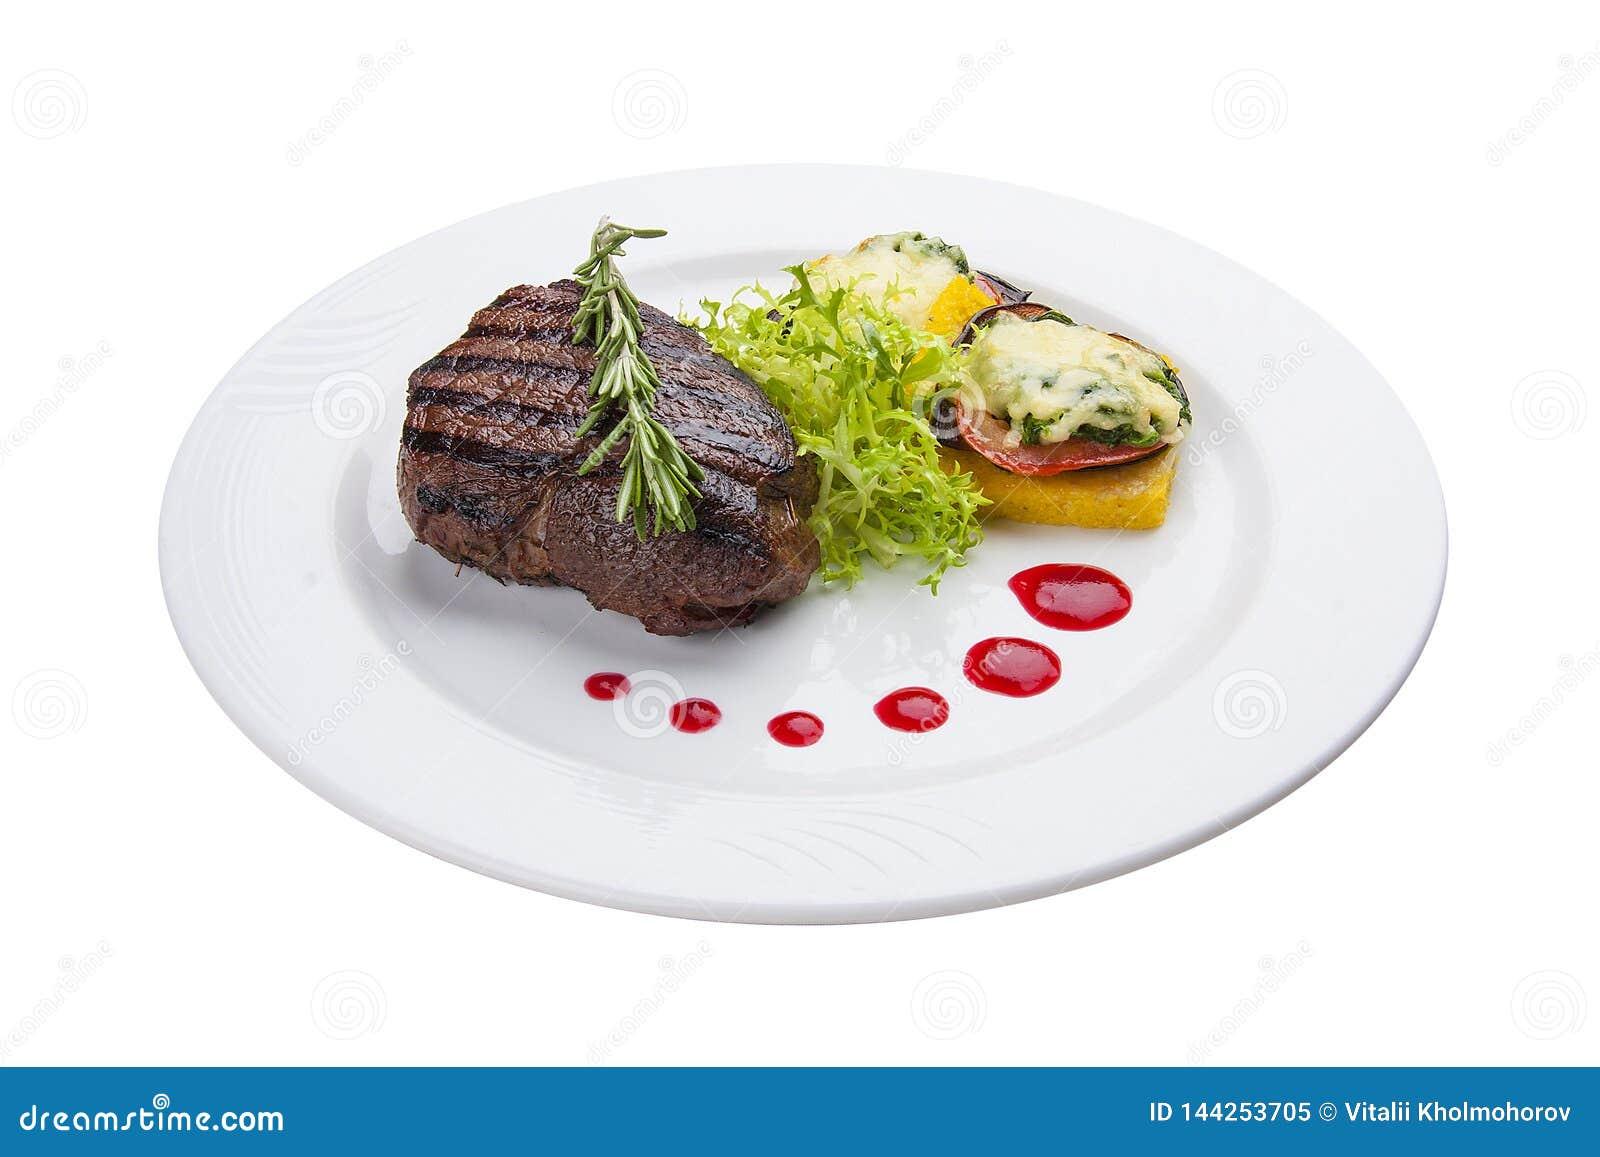 Filete de carne de vaca con verduras asadas a la parrilla y una tortilla En una placa blanca